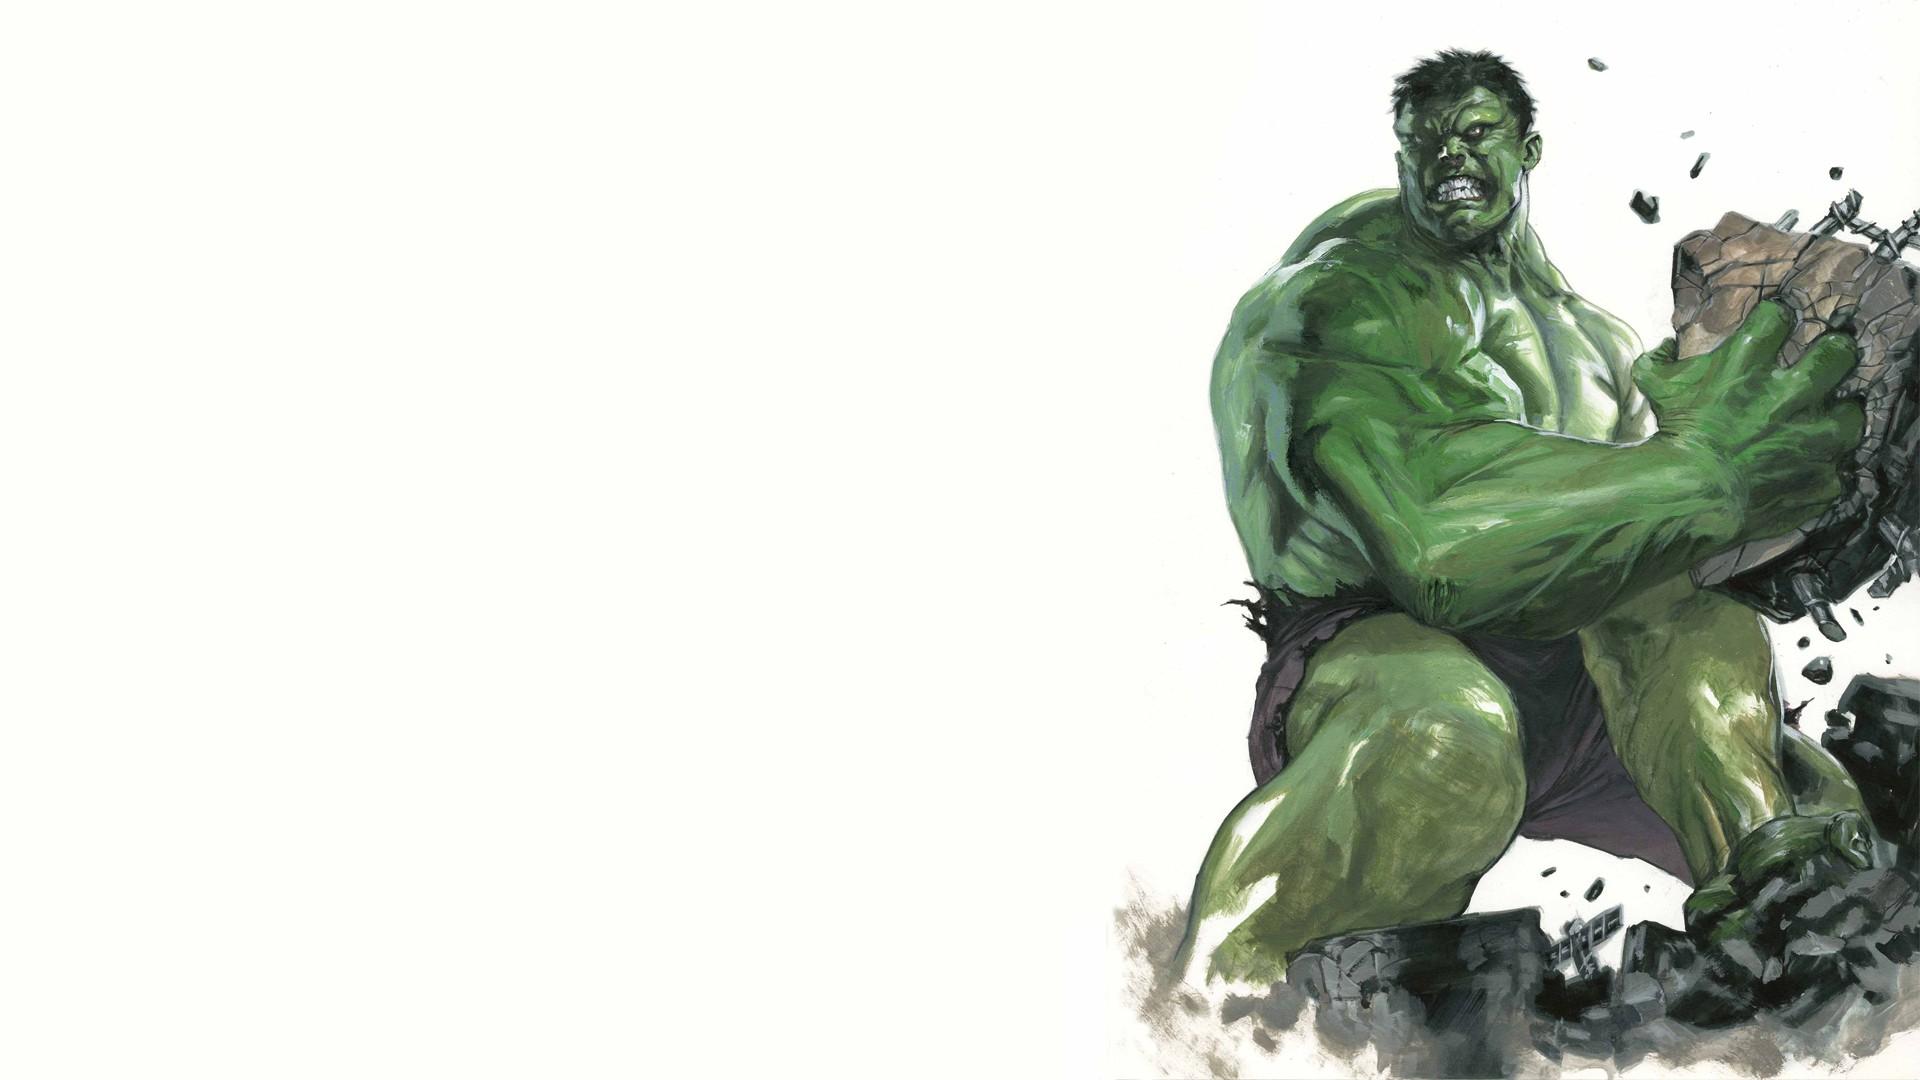 Incredible Hulk Hd Wallpaper Wallpapersafari